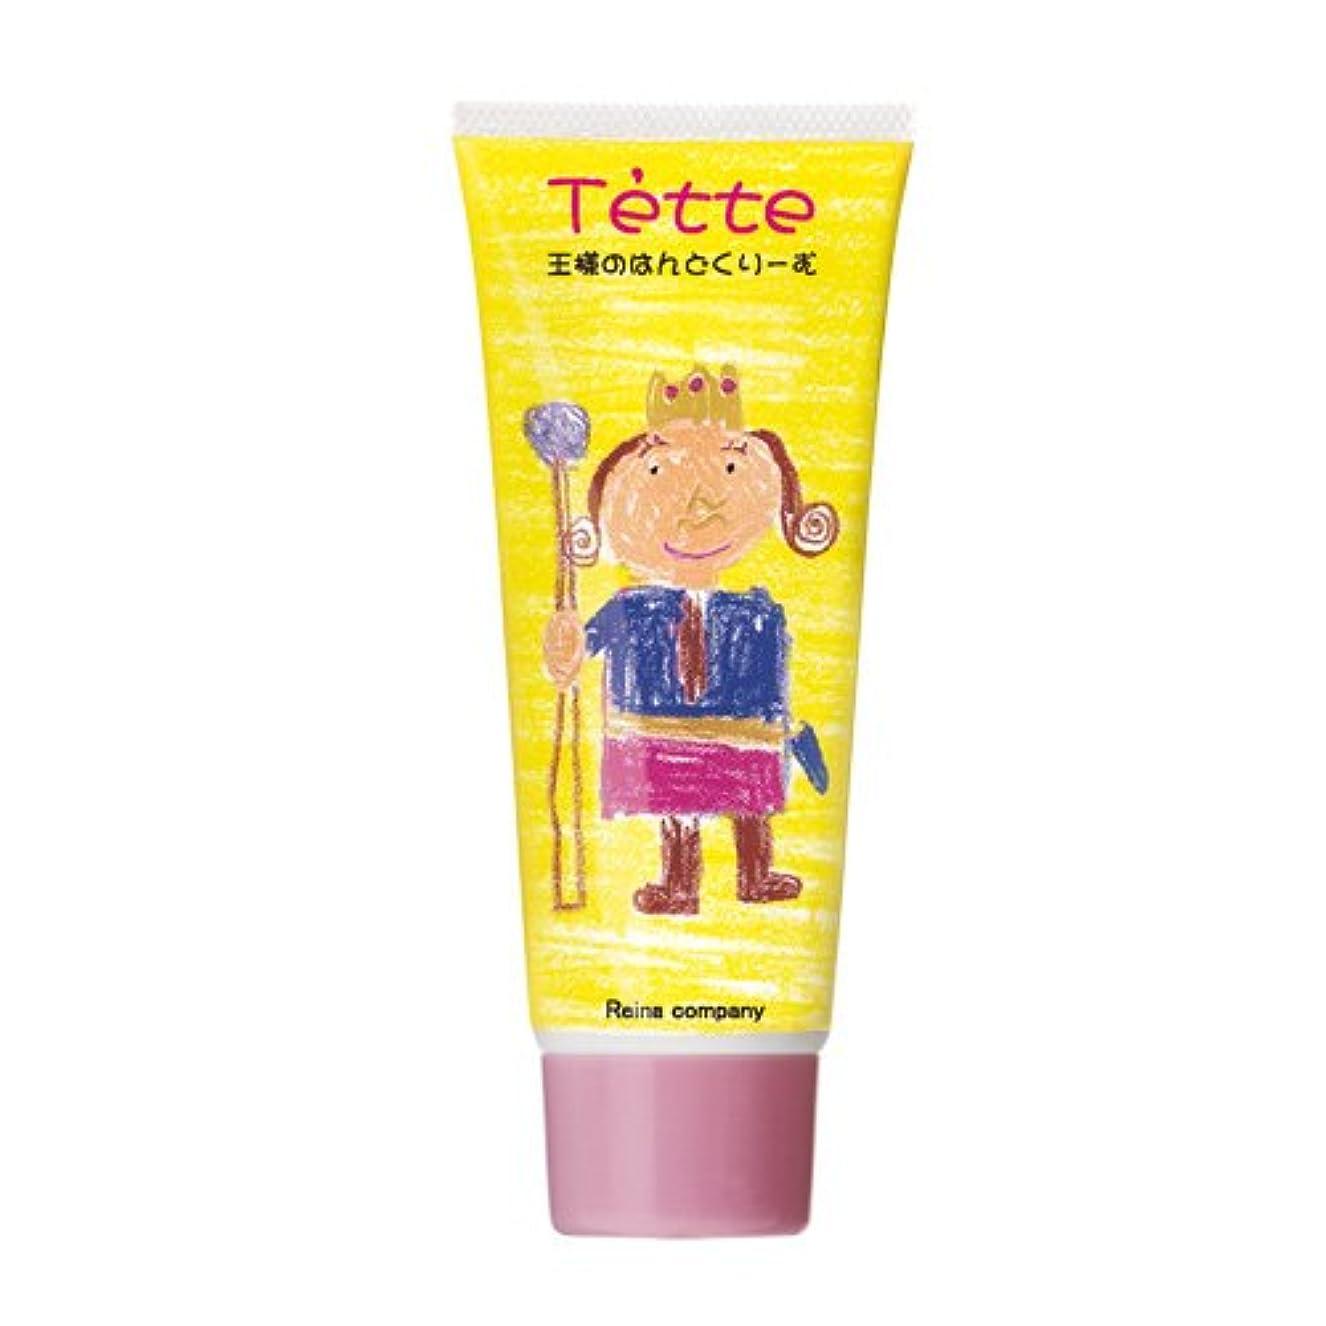 退屈させる謝罪する破滅Tette(テッテ) 王様のハンドクリーム 65g